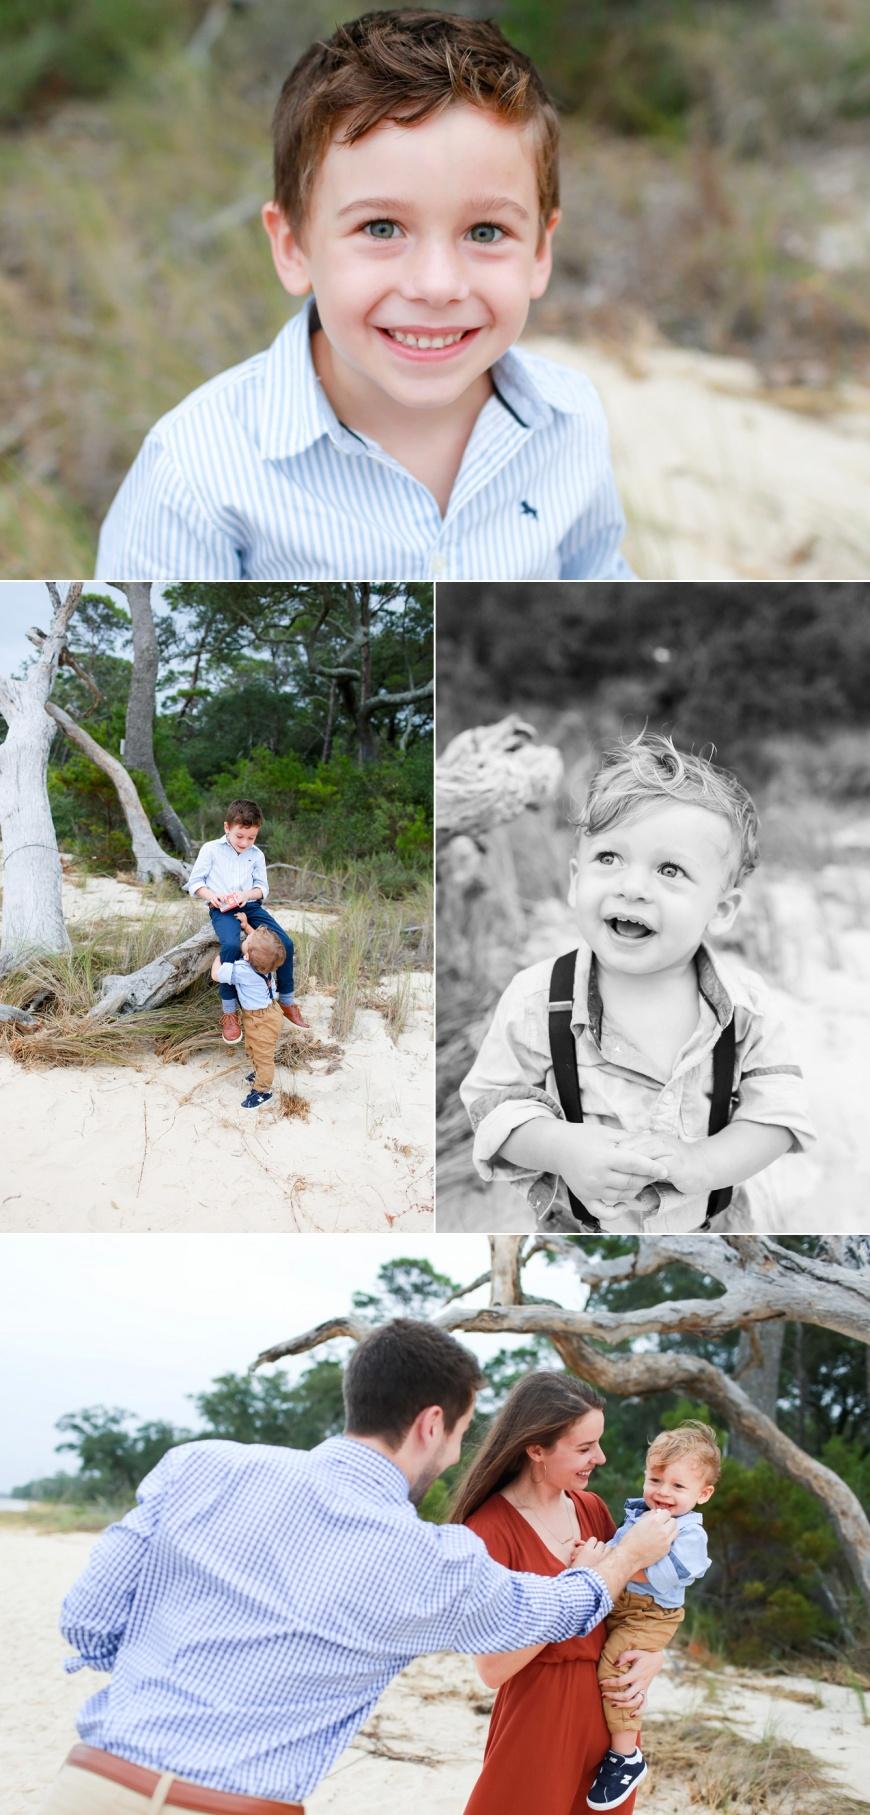 White-Point-Park-Niceville-Florida-Family-Photographer_1020.jpg